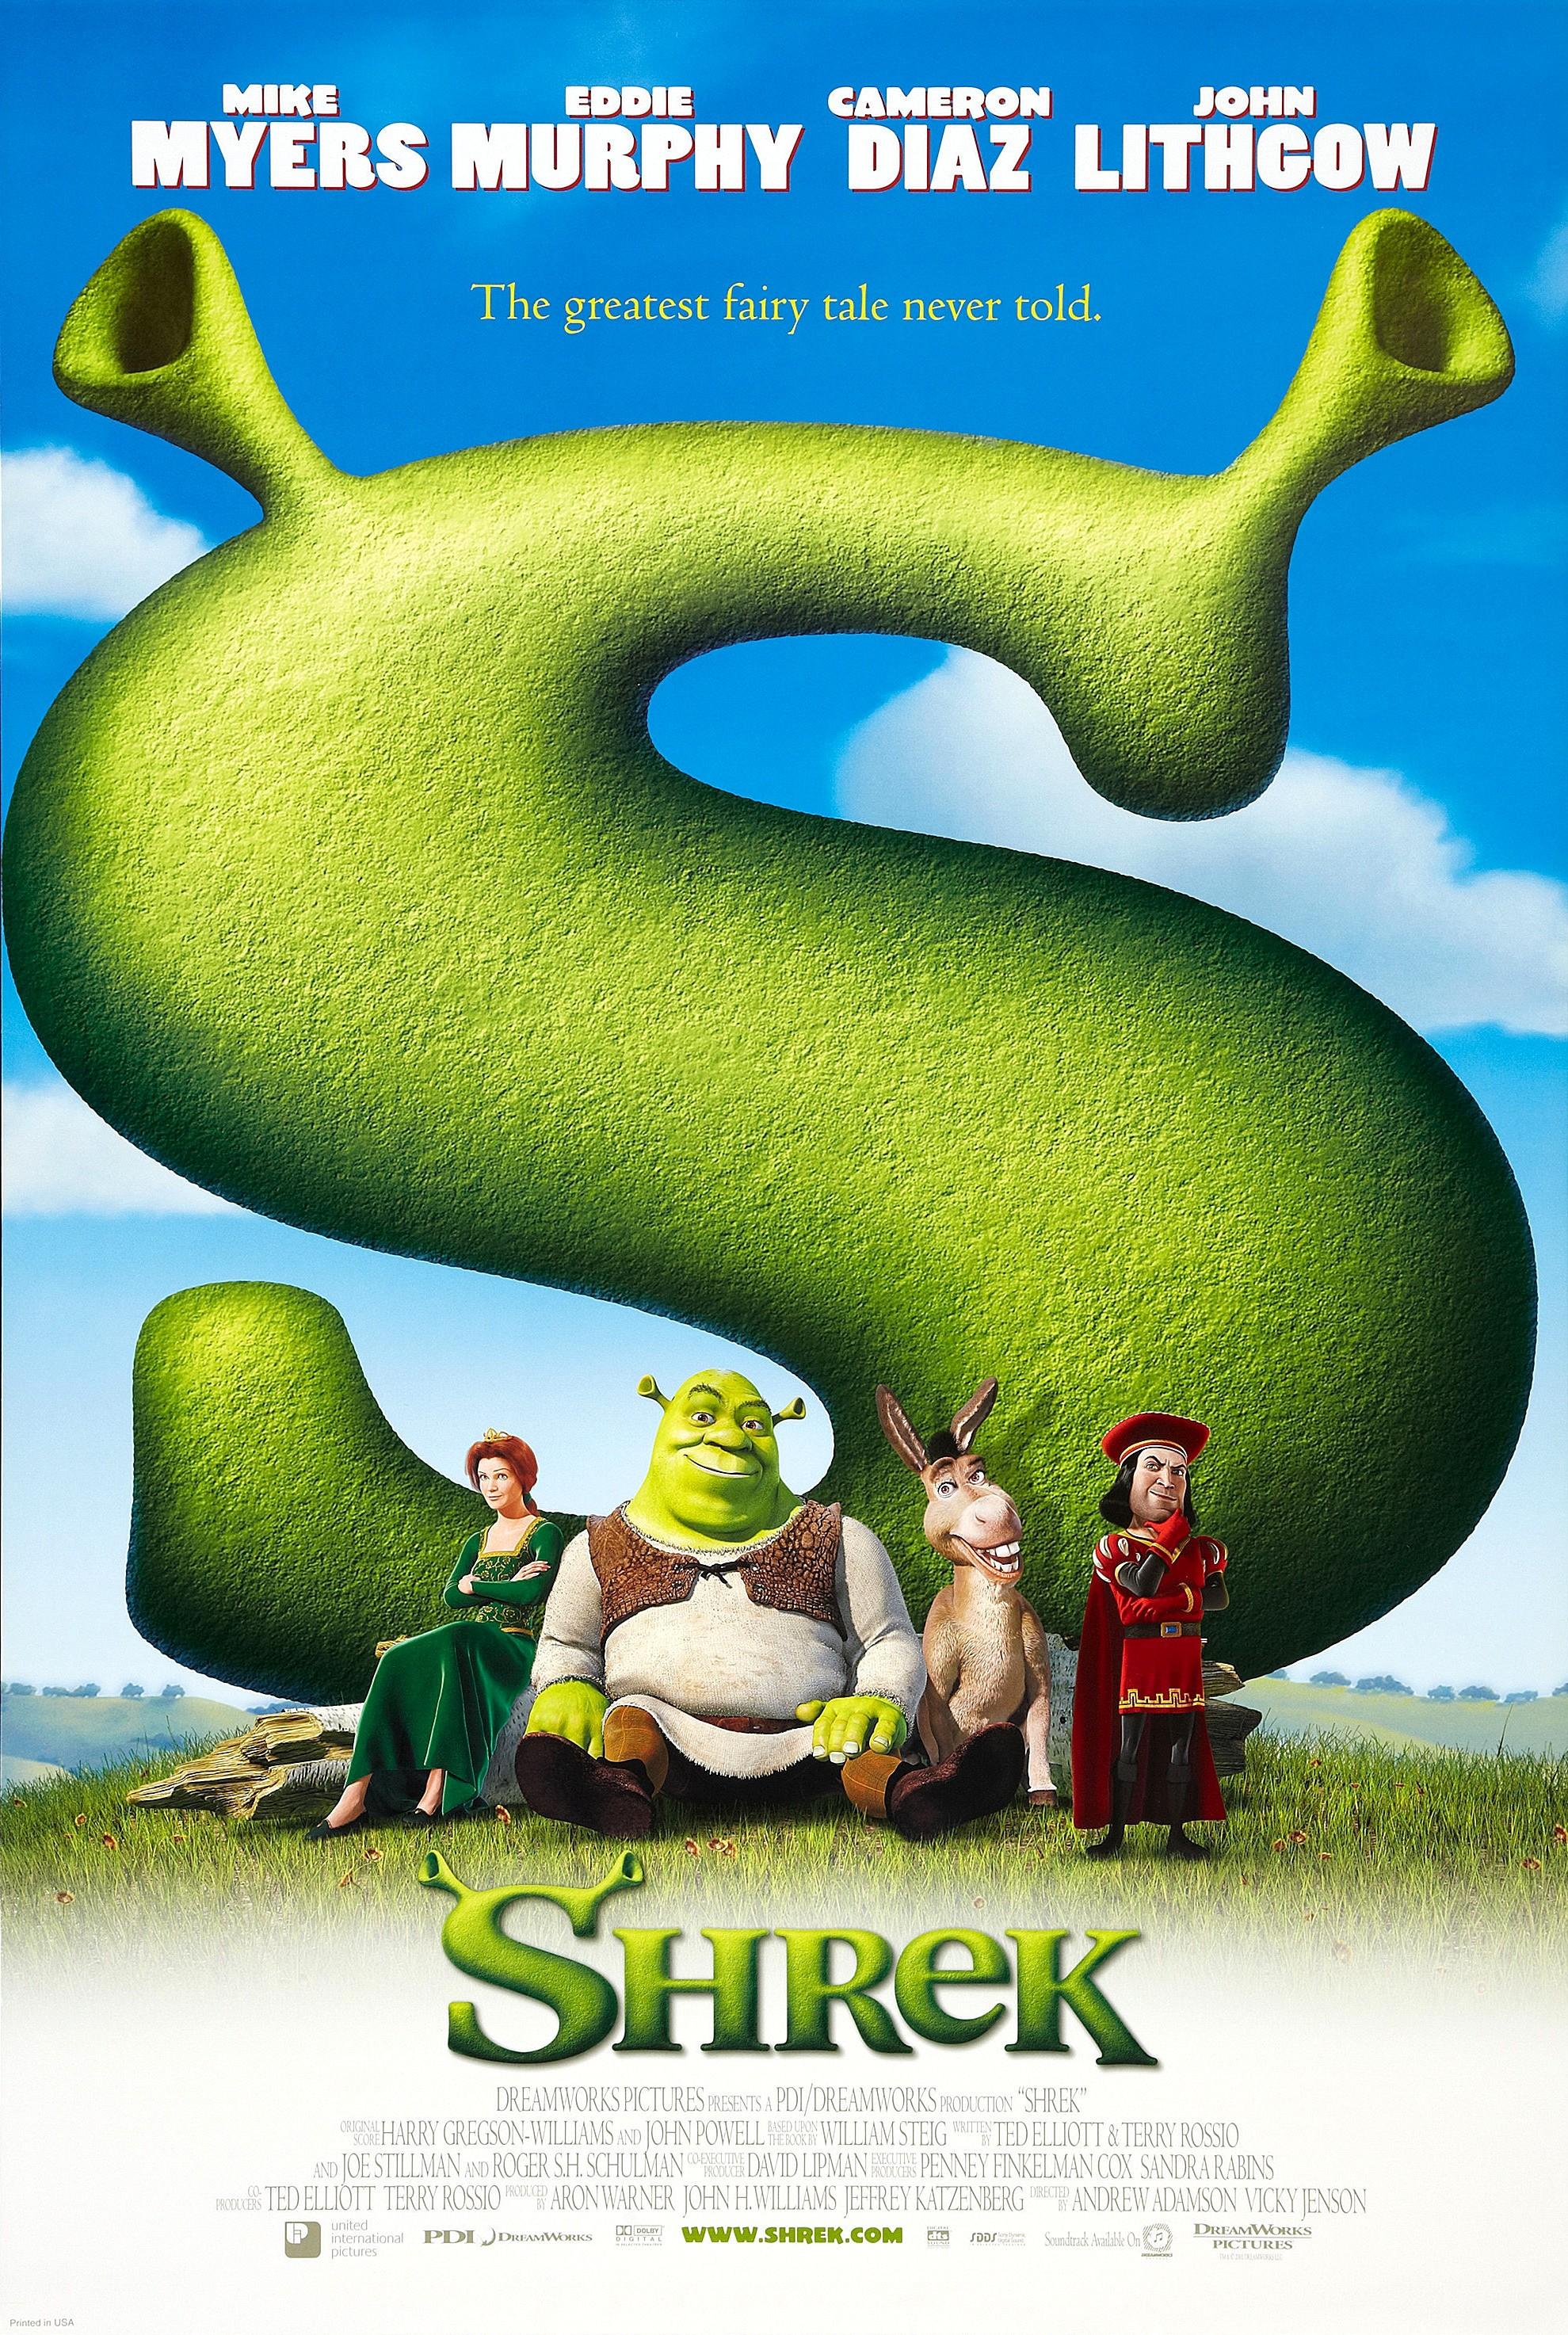 shrek free movie